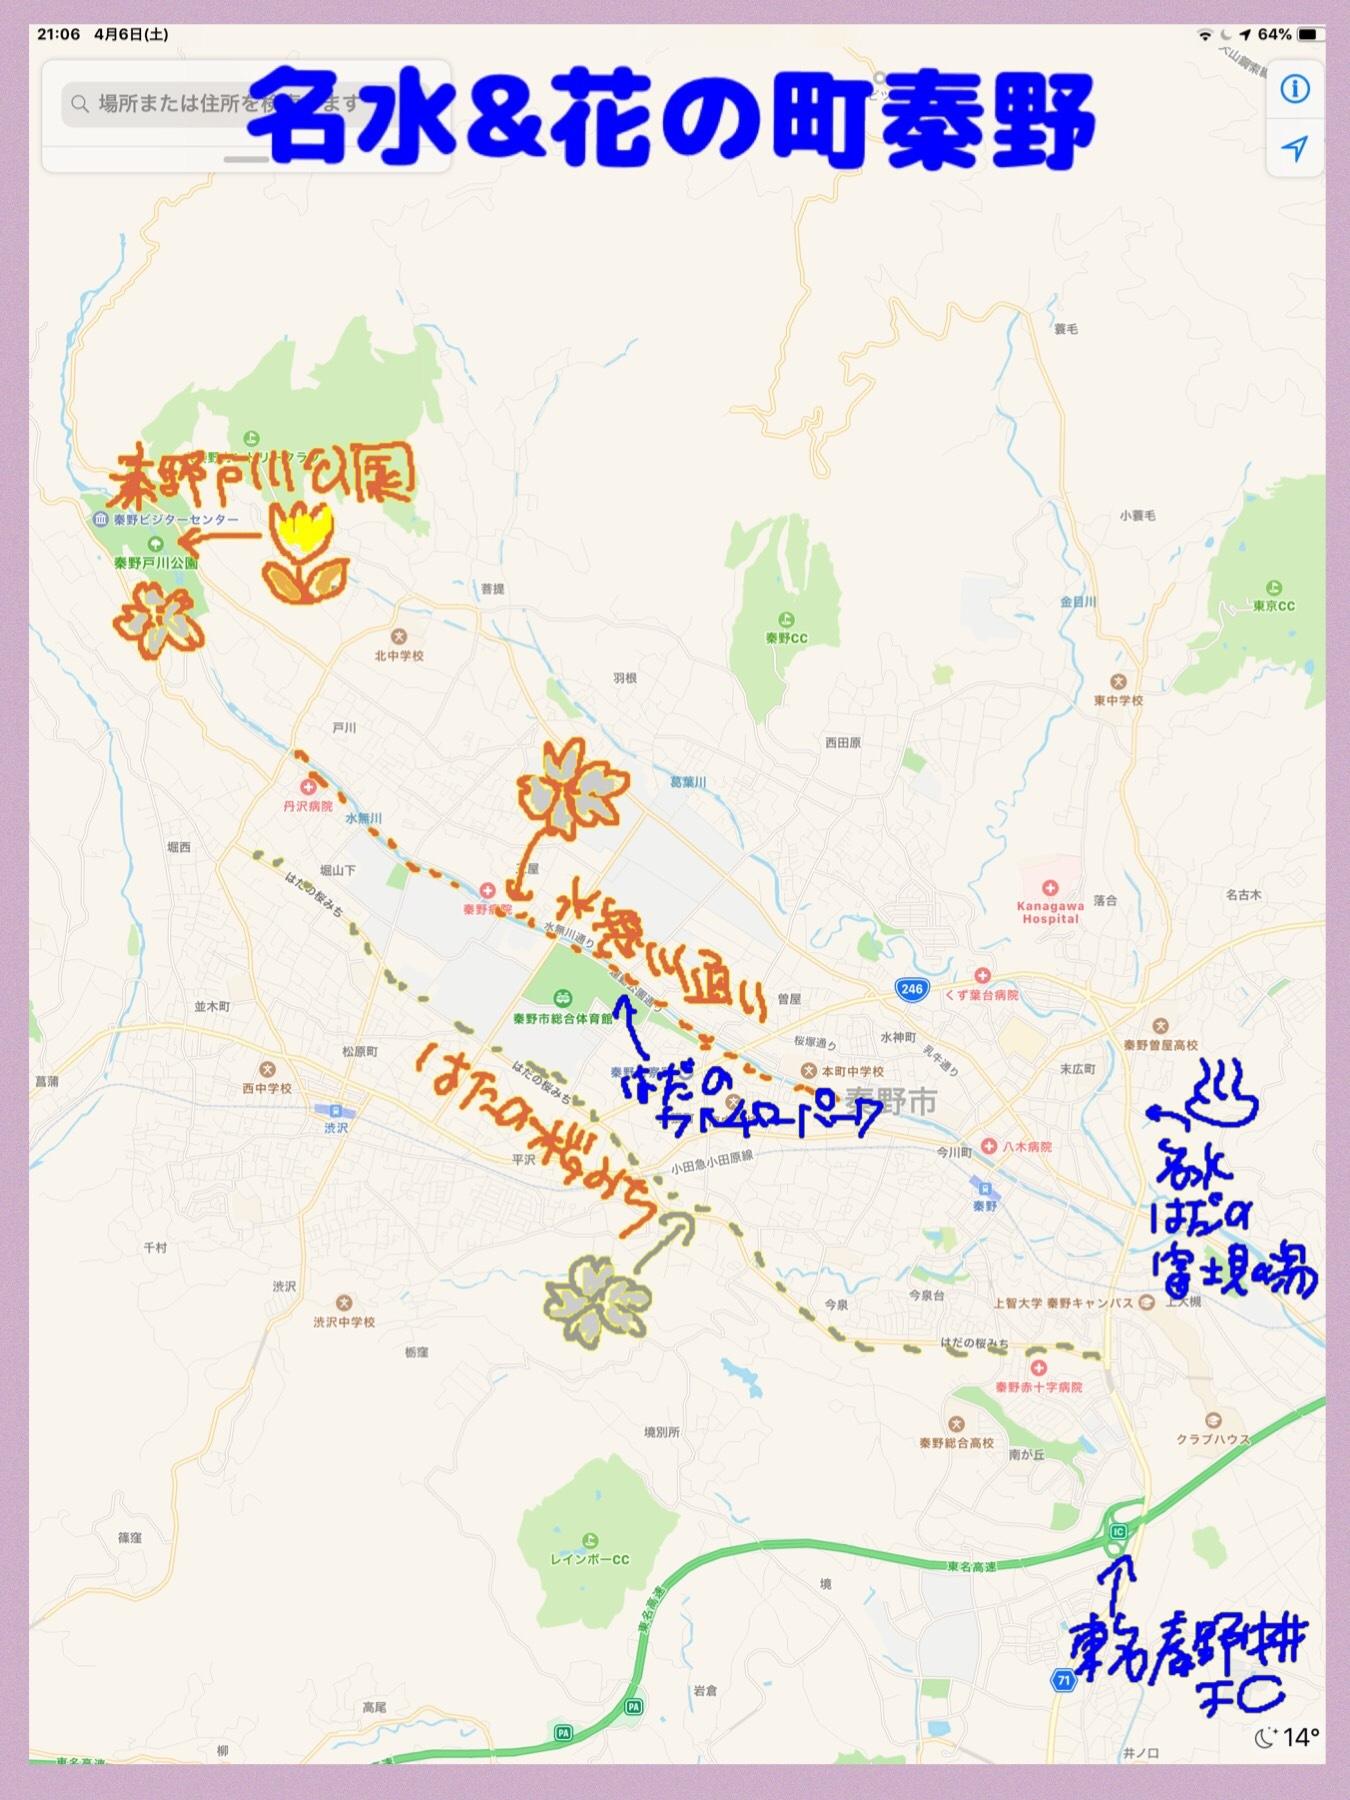 秦野 桜 チューリップ マップmap カルチャーパーク 水無し川